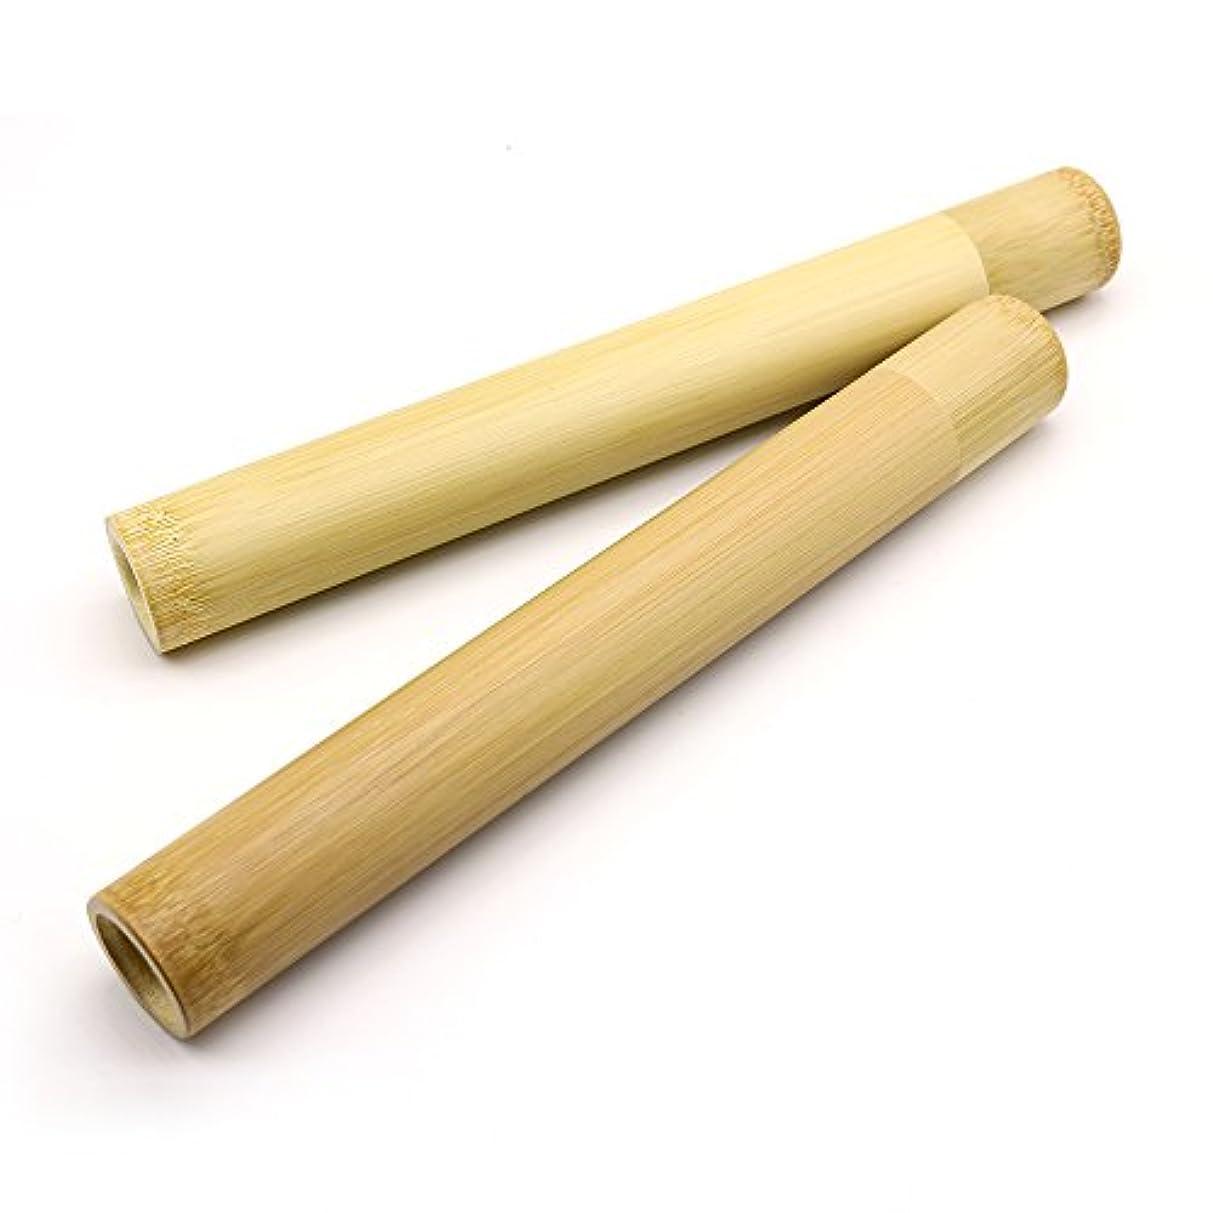 余剰オアシス指定するN-amboo 竹製 ハブラシケース 収納ボックス 2個 セット